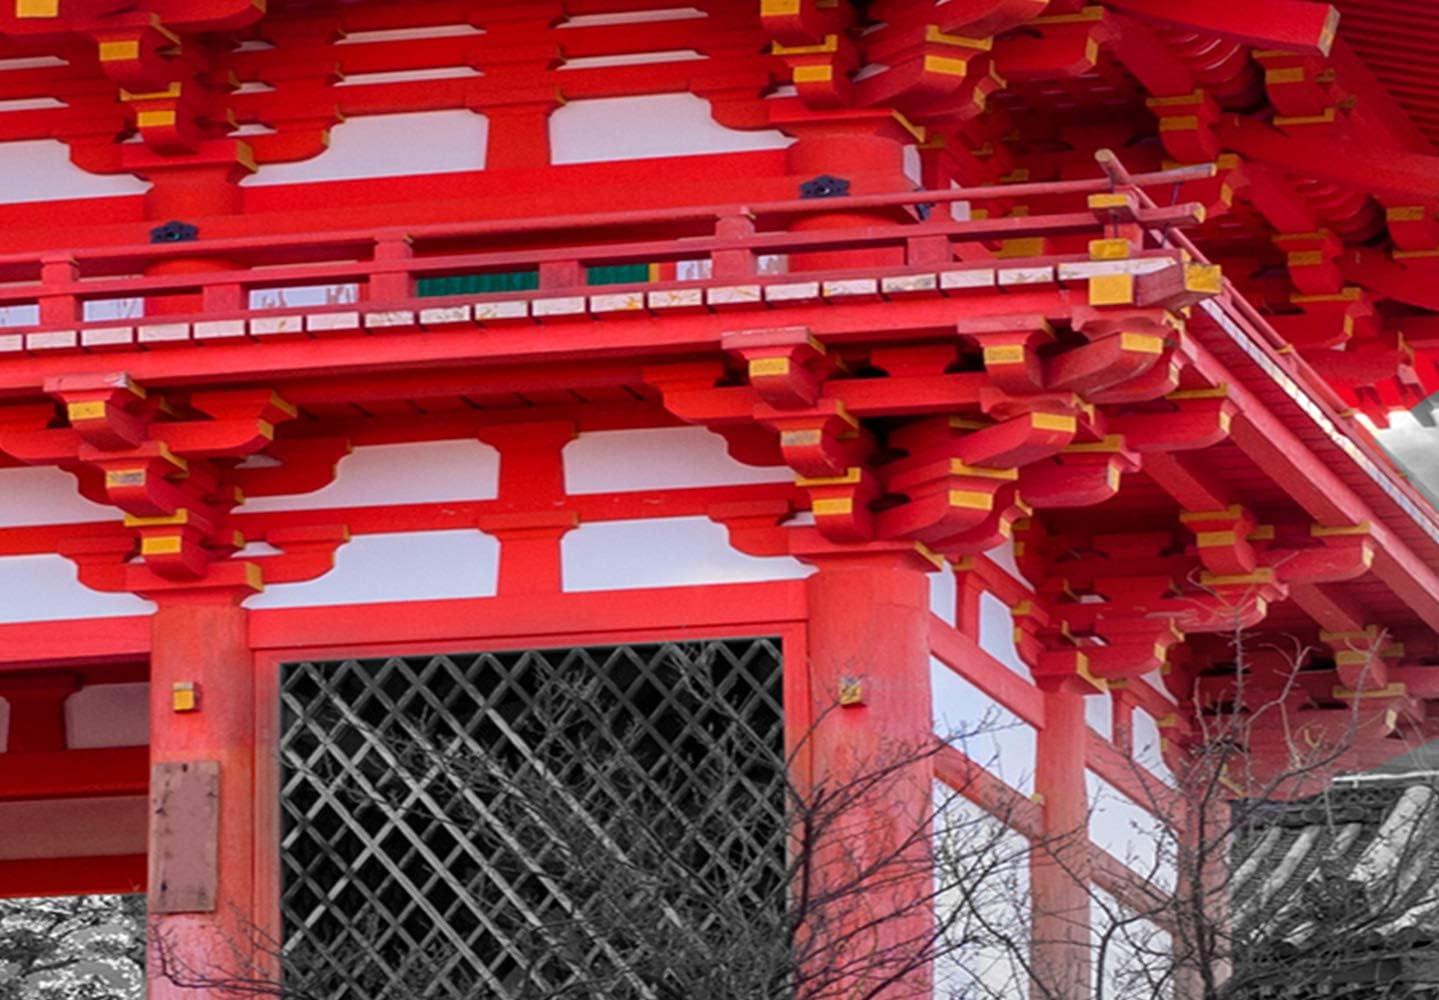 murando Cuadro en Lienzo Japon Jap/ón 70x35 cm impresi/ón en Material Tejido no Tejido impresi/ón art/ística fotograf/ía Imagen gr/áfica decoraci/ón de Pared Templo Japones c-C-0241-b-a